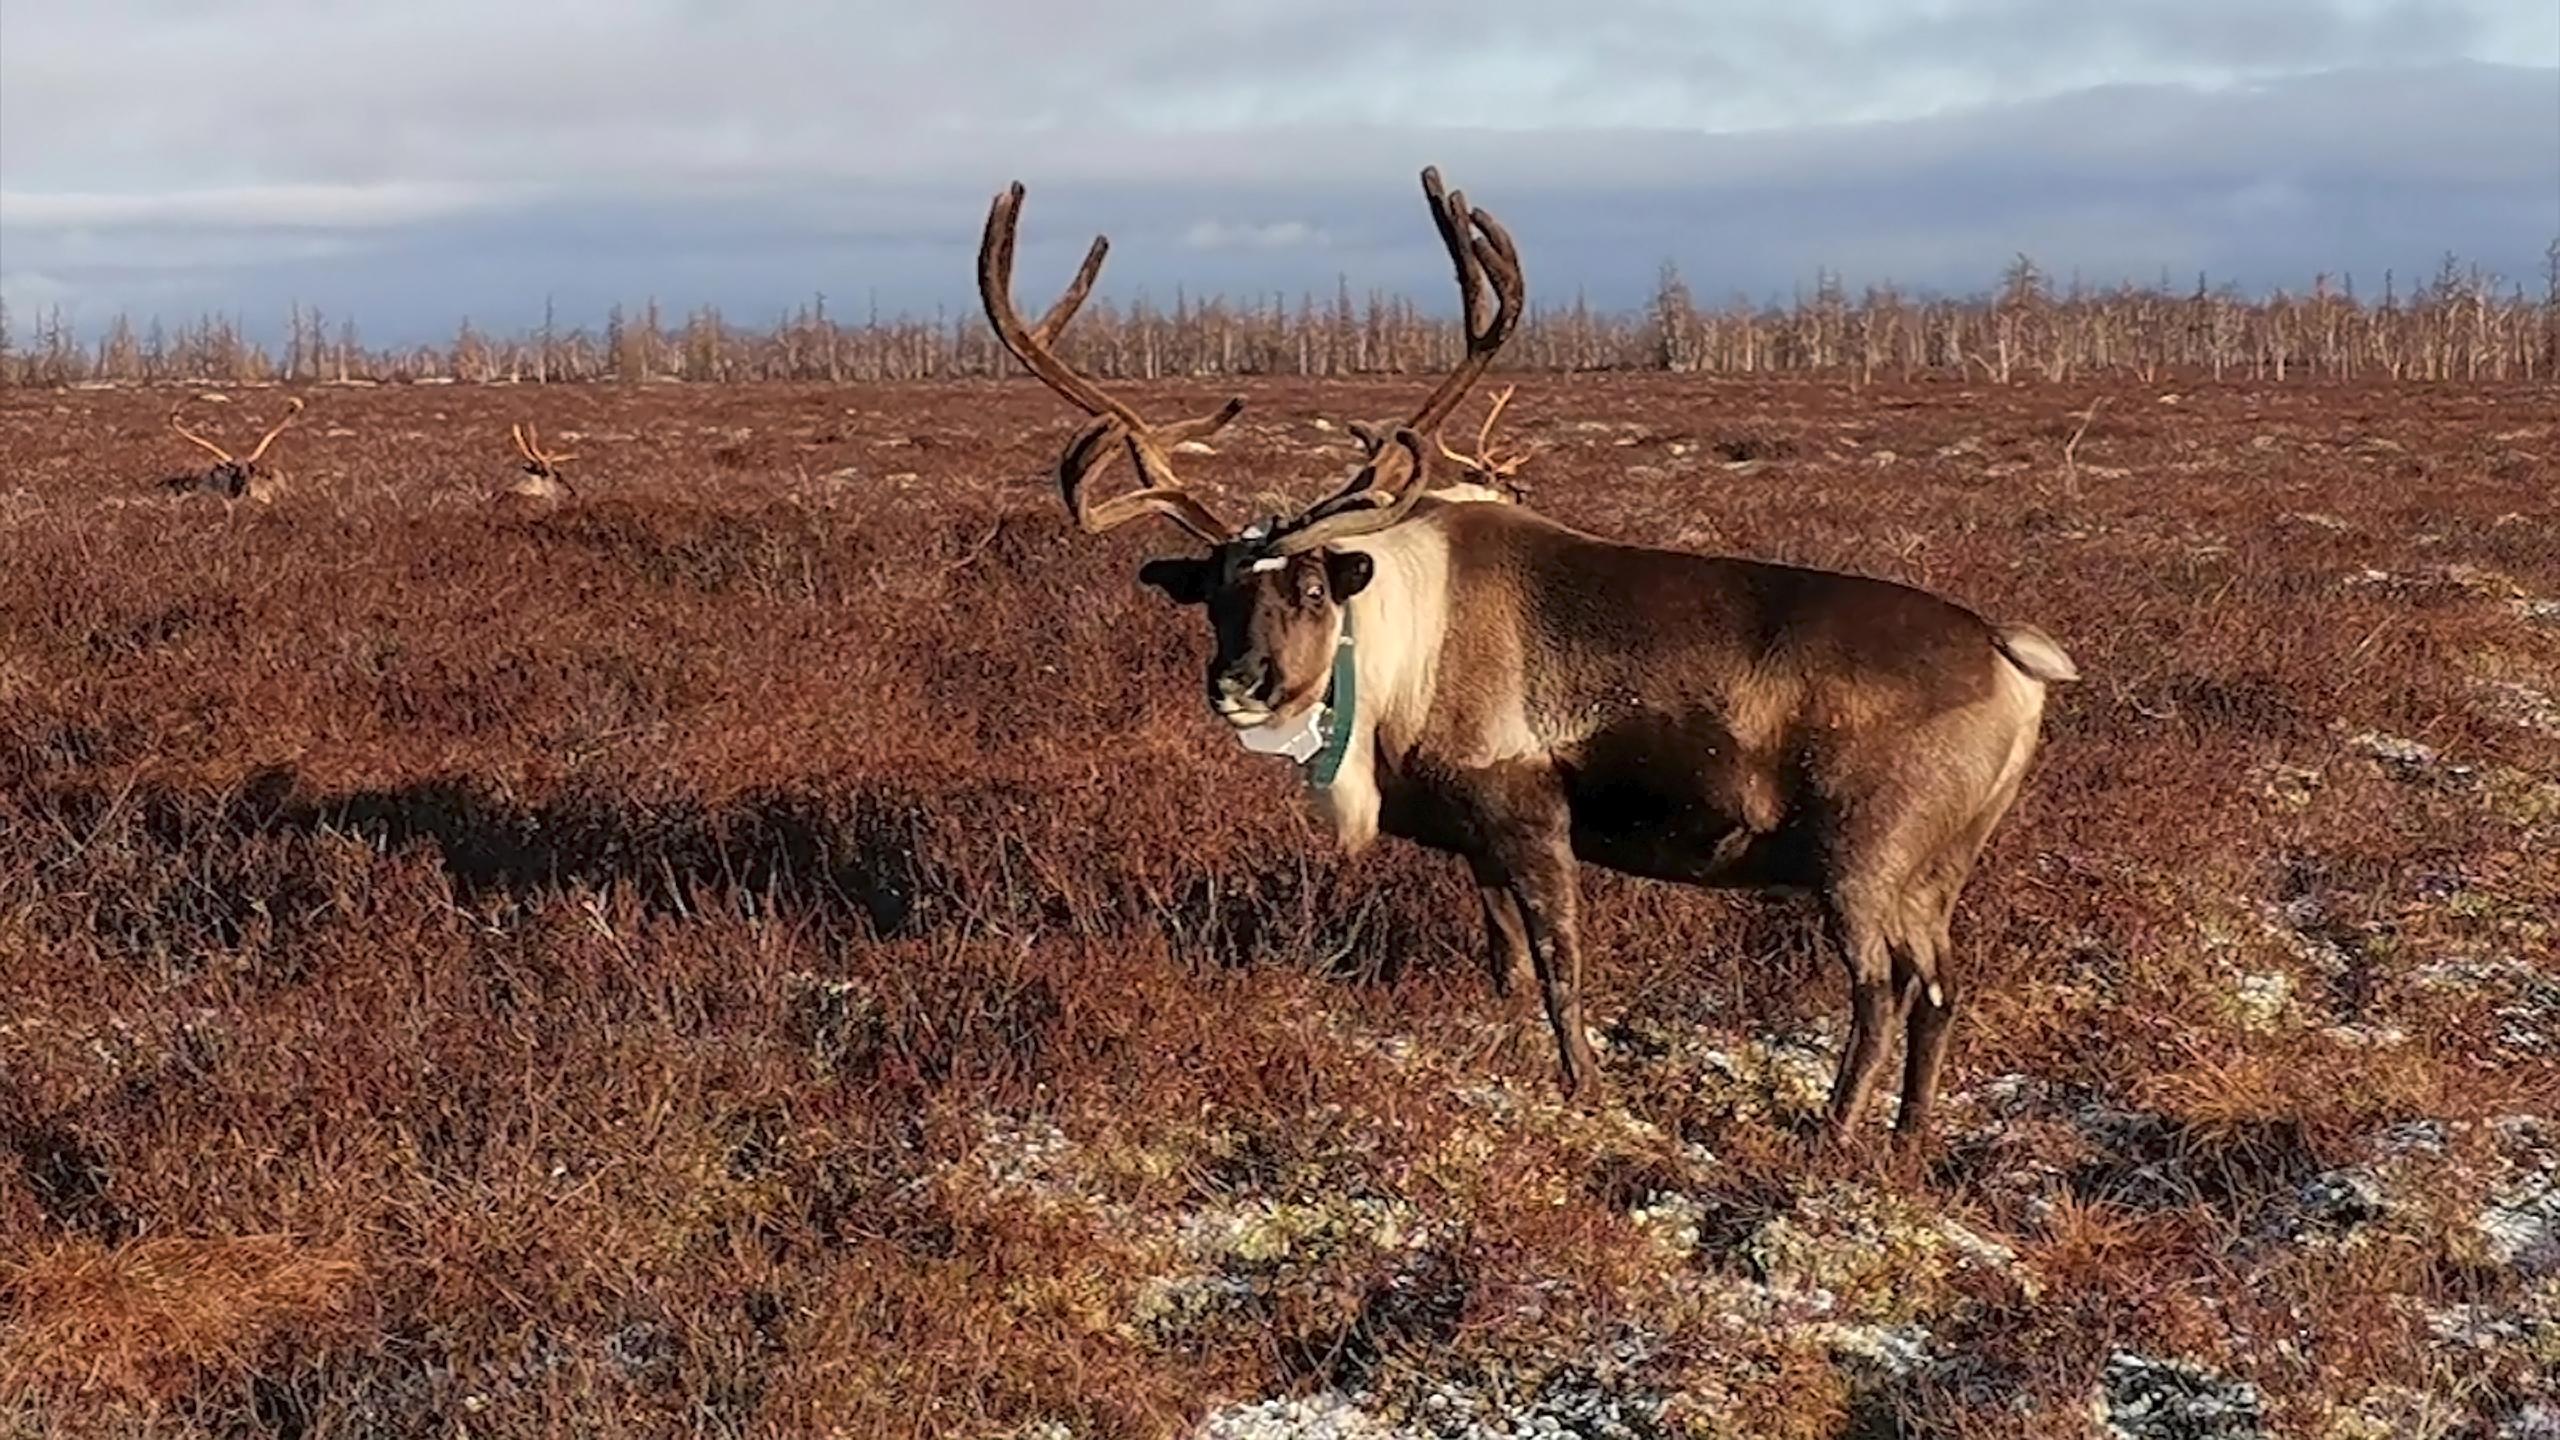 На шаг впереди: кочевники Тазовского района отслеживают оленей с помощью GPS-ошейников